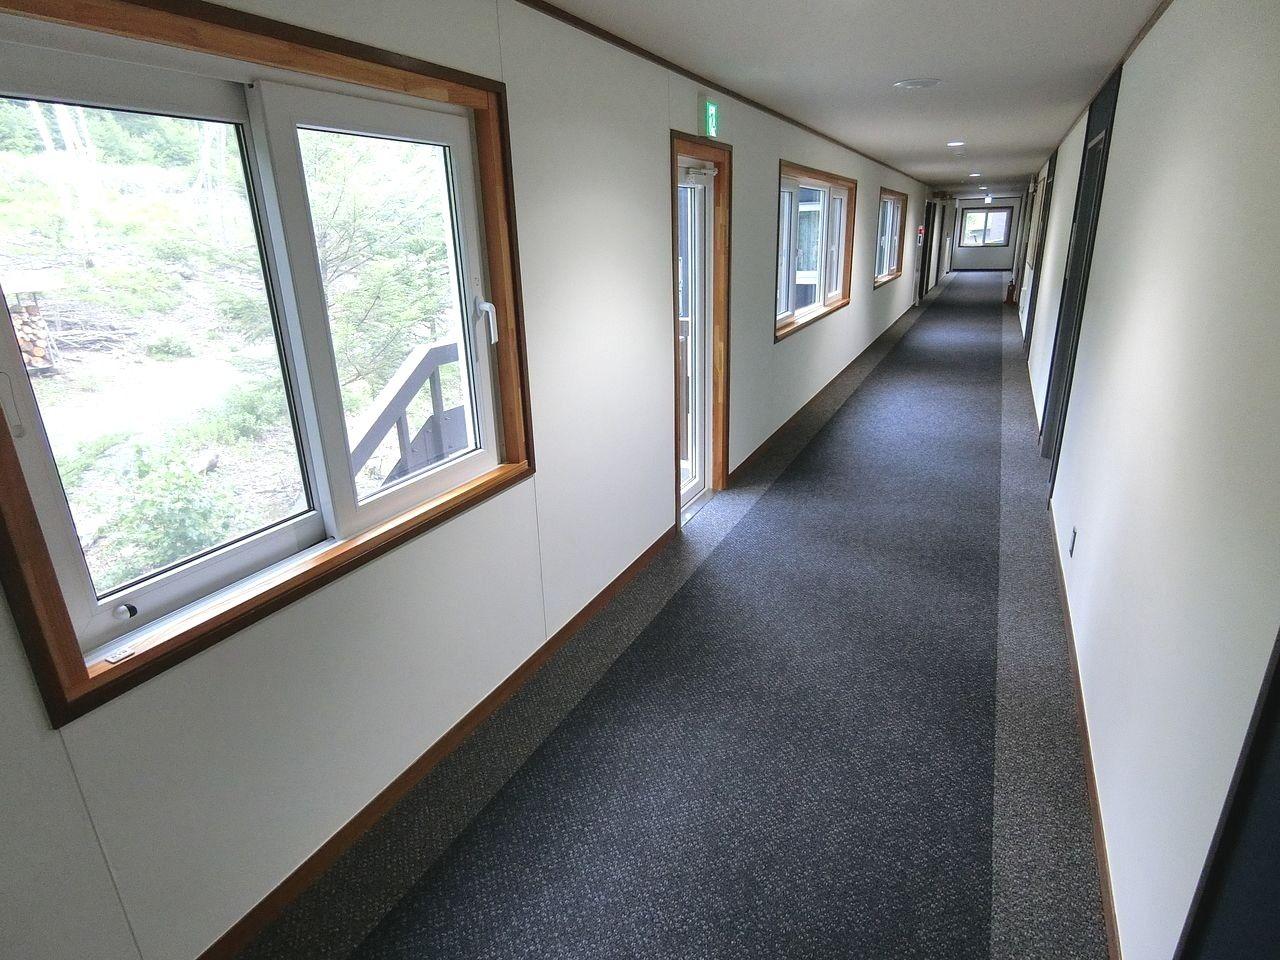 板橋区立八ヶ岳荘の廊下